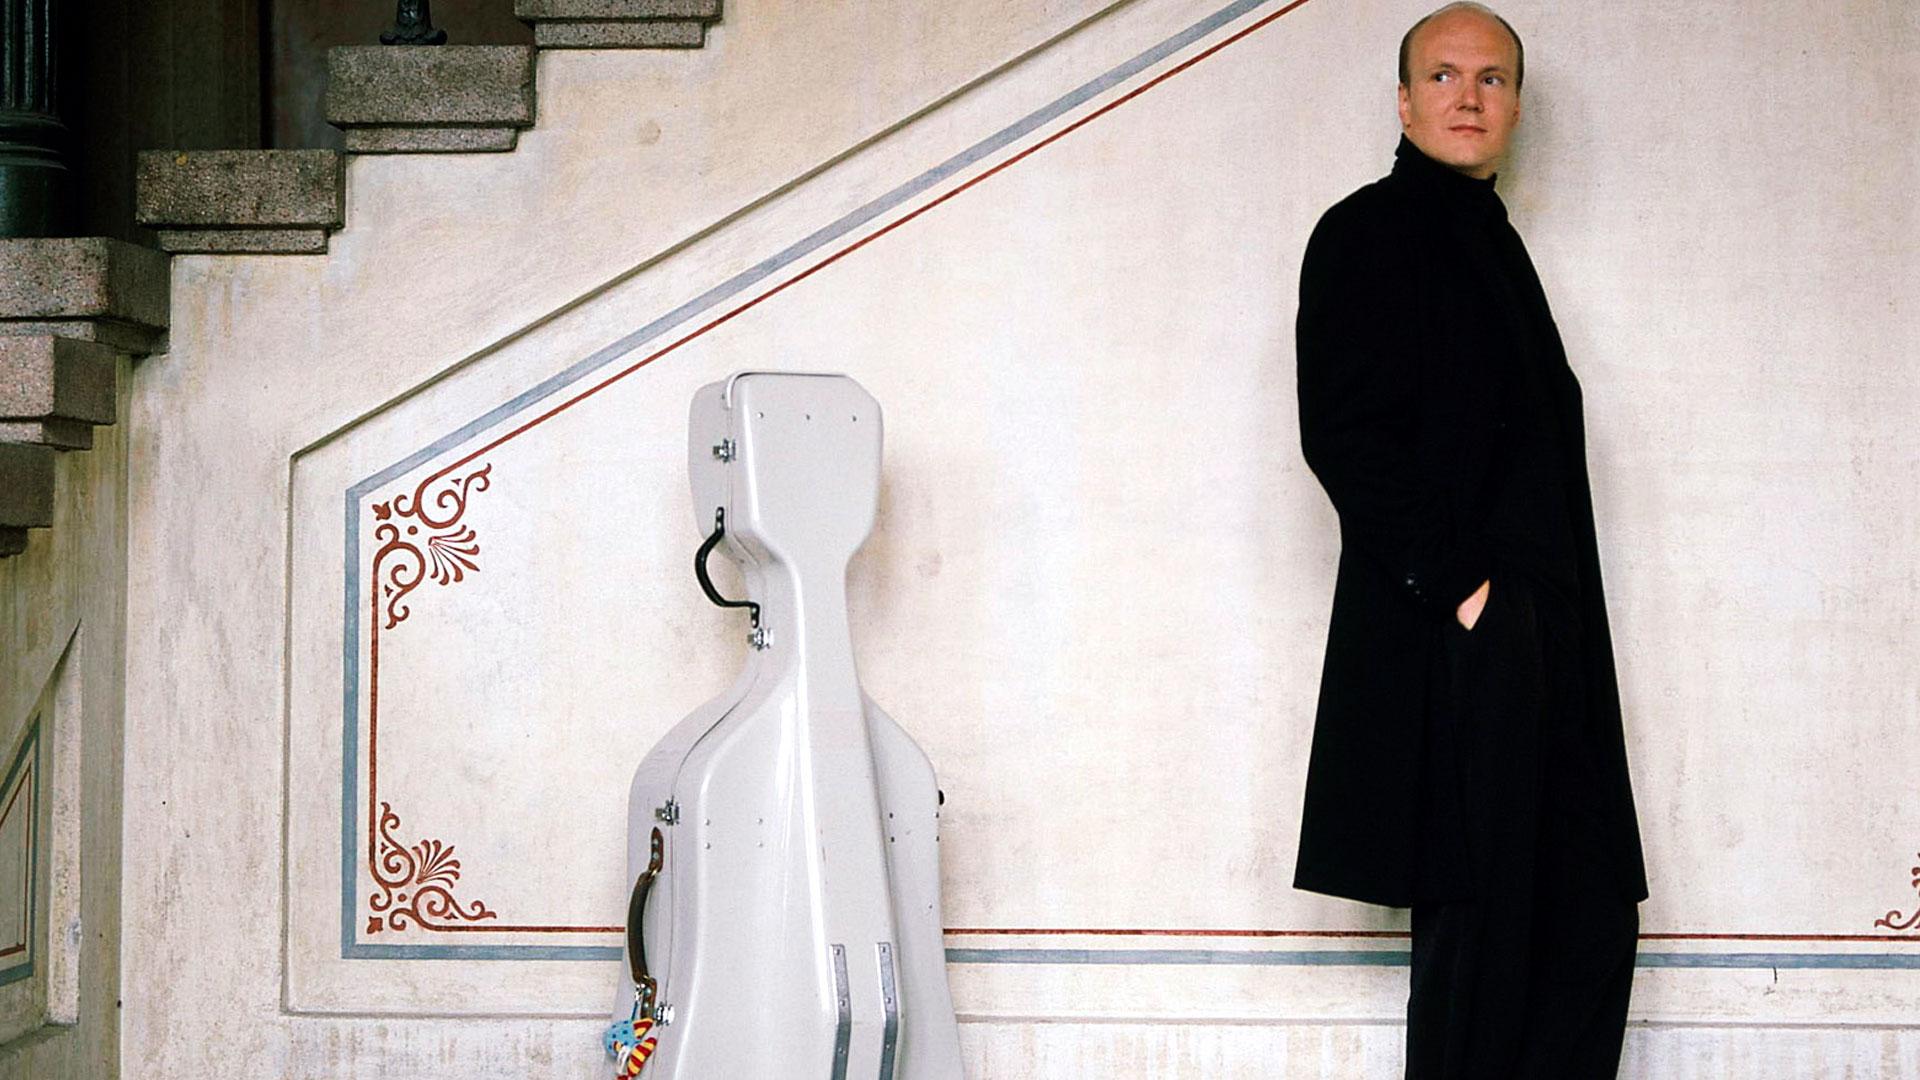 """Osmo Vänskä y la Sinfónica de Galicia acompañan a Truls Mork en el """"Concierto para violonchelo"""" de A. Dvorák e interpretan la """"Sinfonía nº 4″ de Sibelius"""